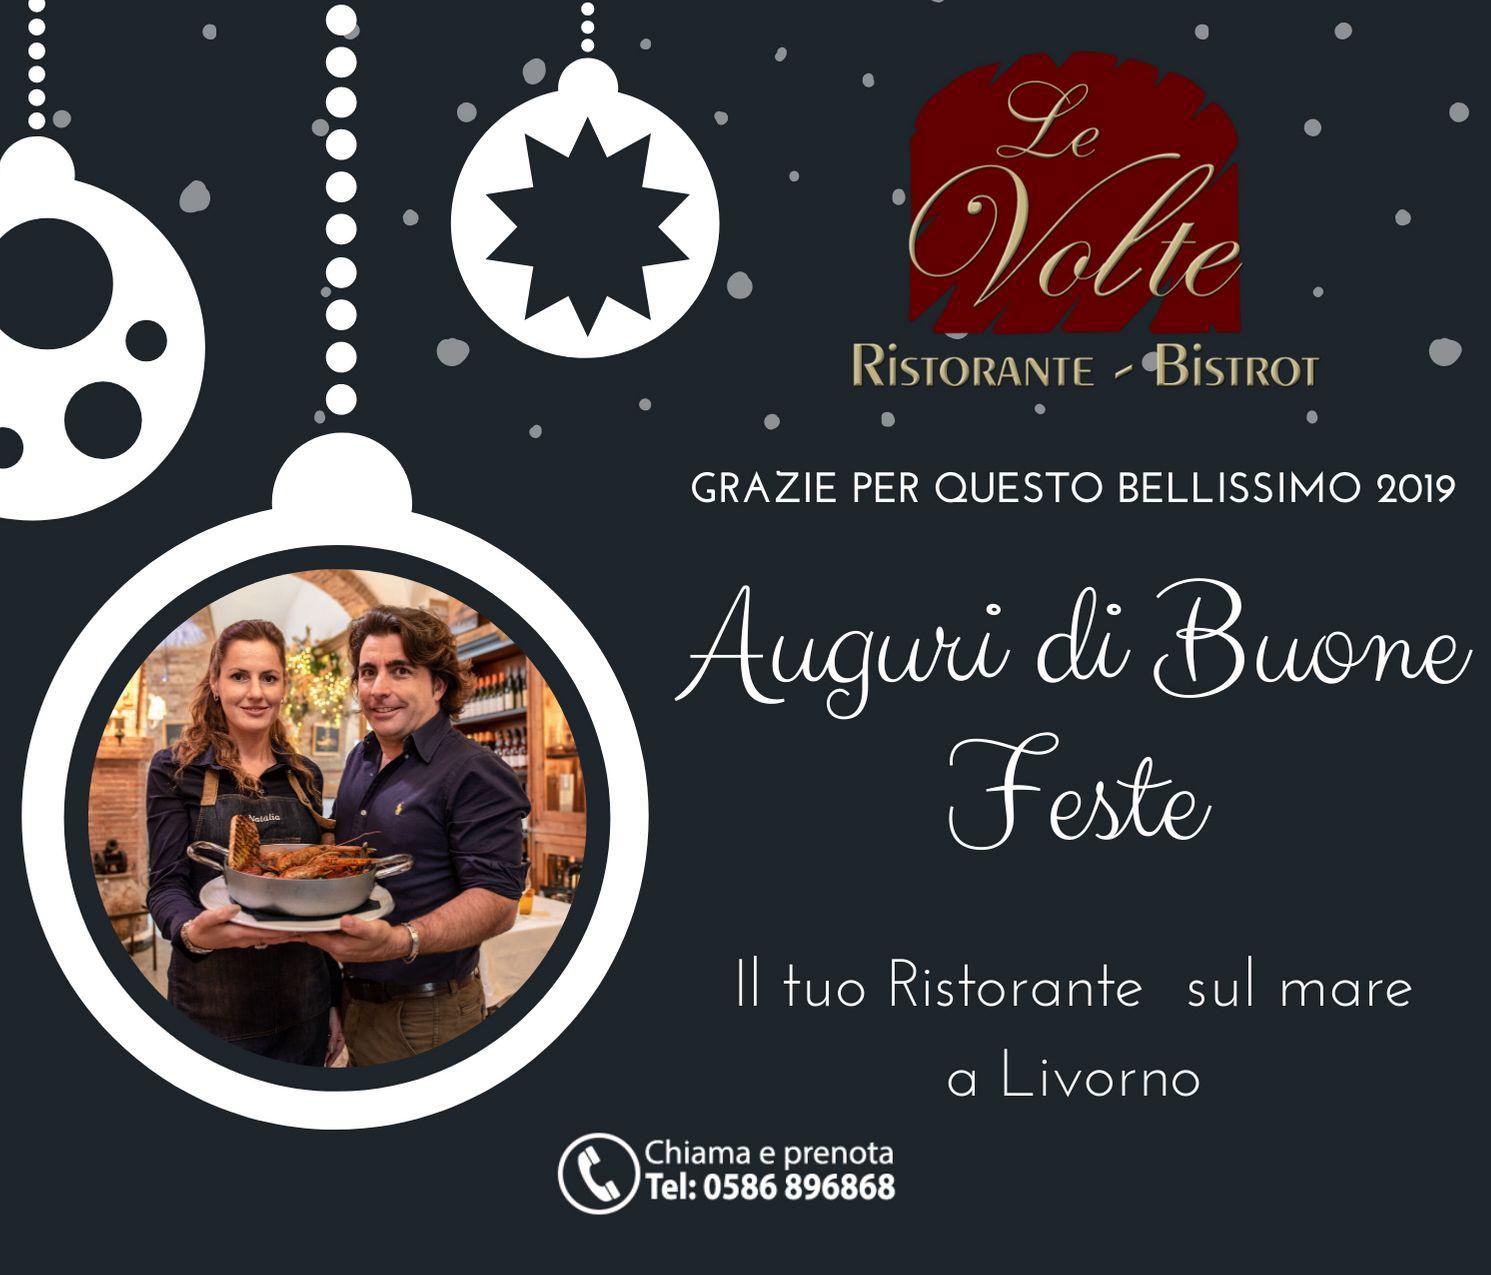 Augurifeste 2019 - Buon Natale e... grazie per quest'anno !